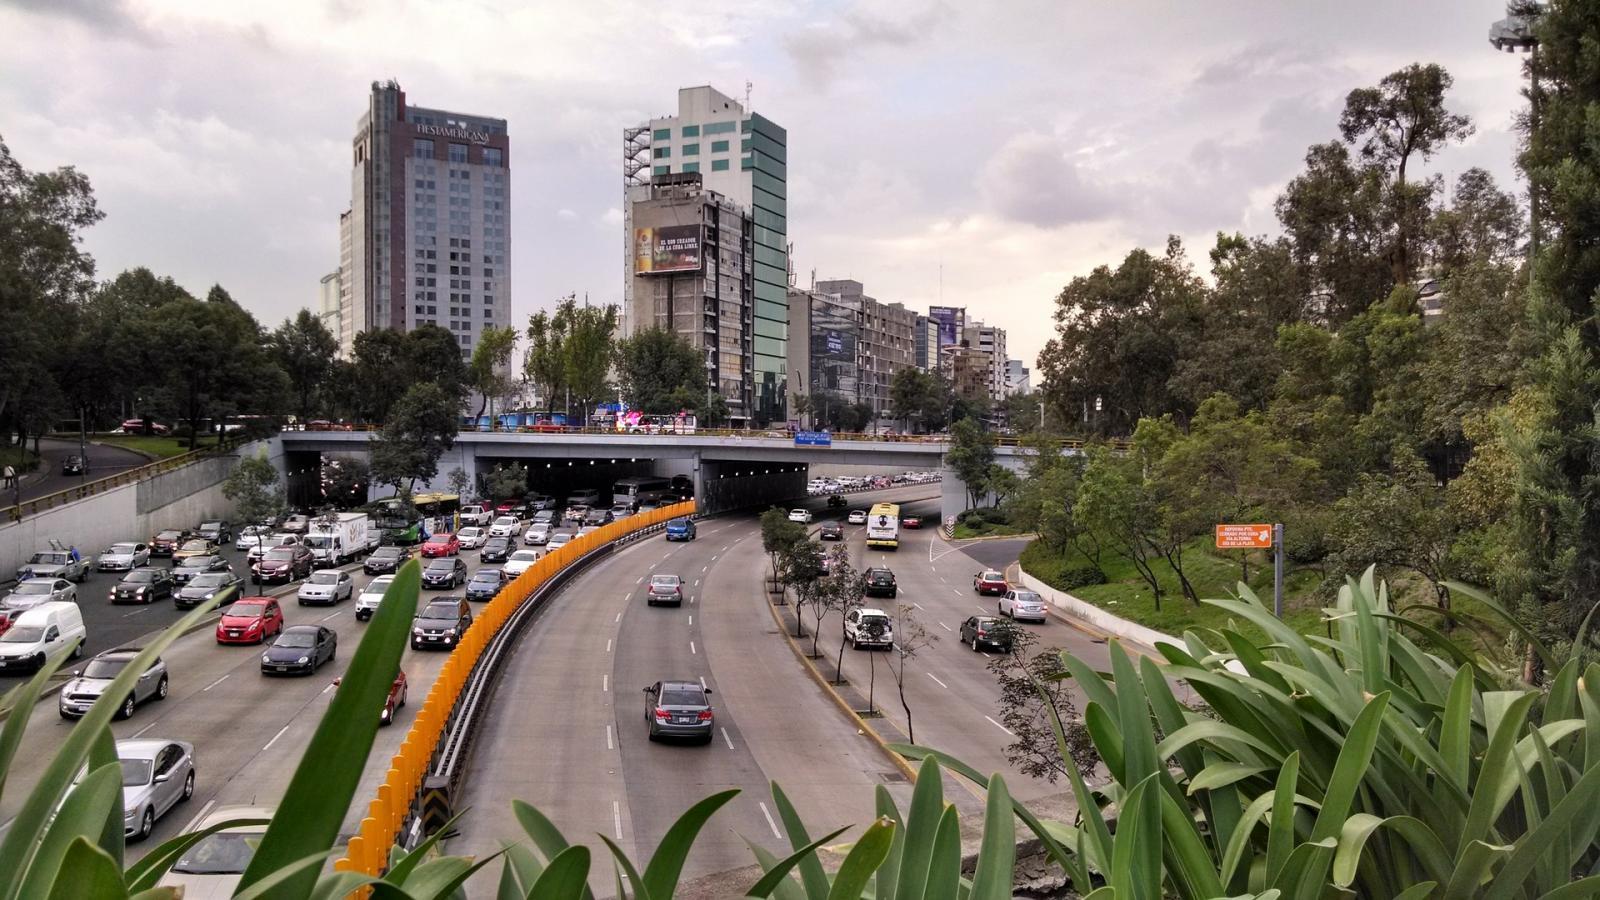 Quienes conducen en la Ciudad de México pierden hasta 227 horas al año en el tráfico.